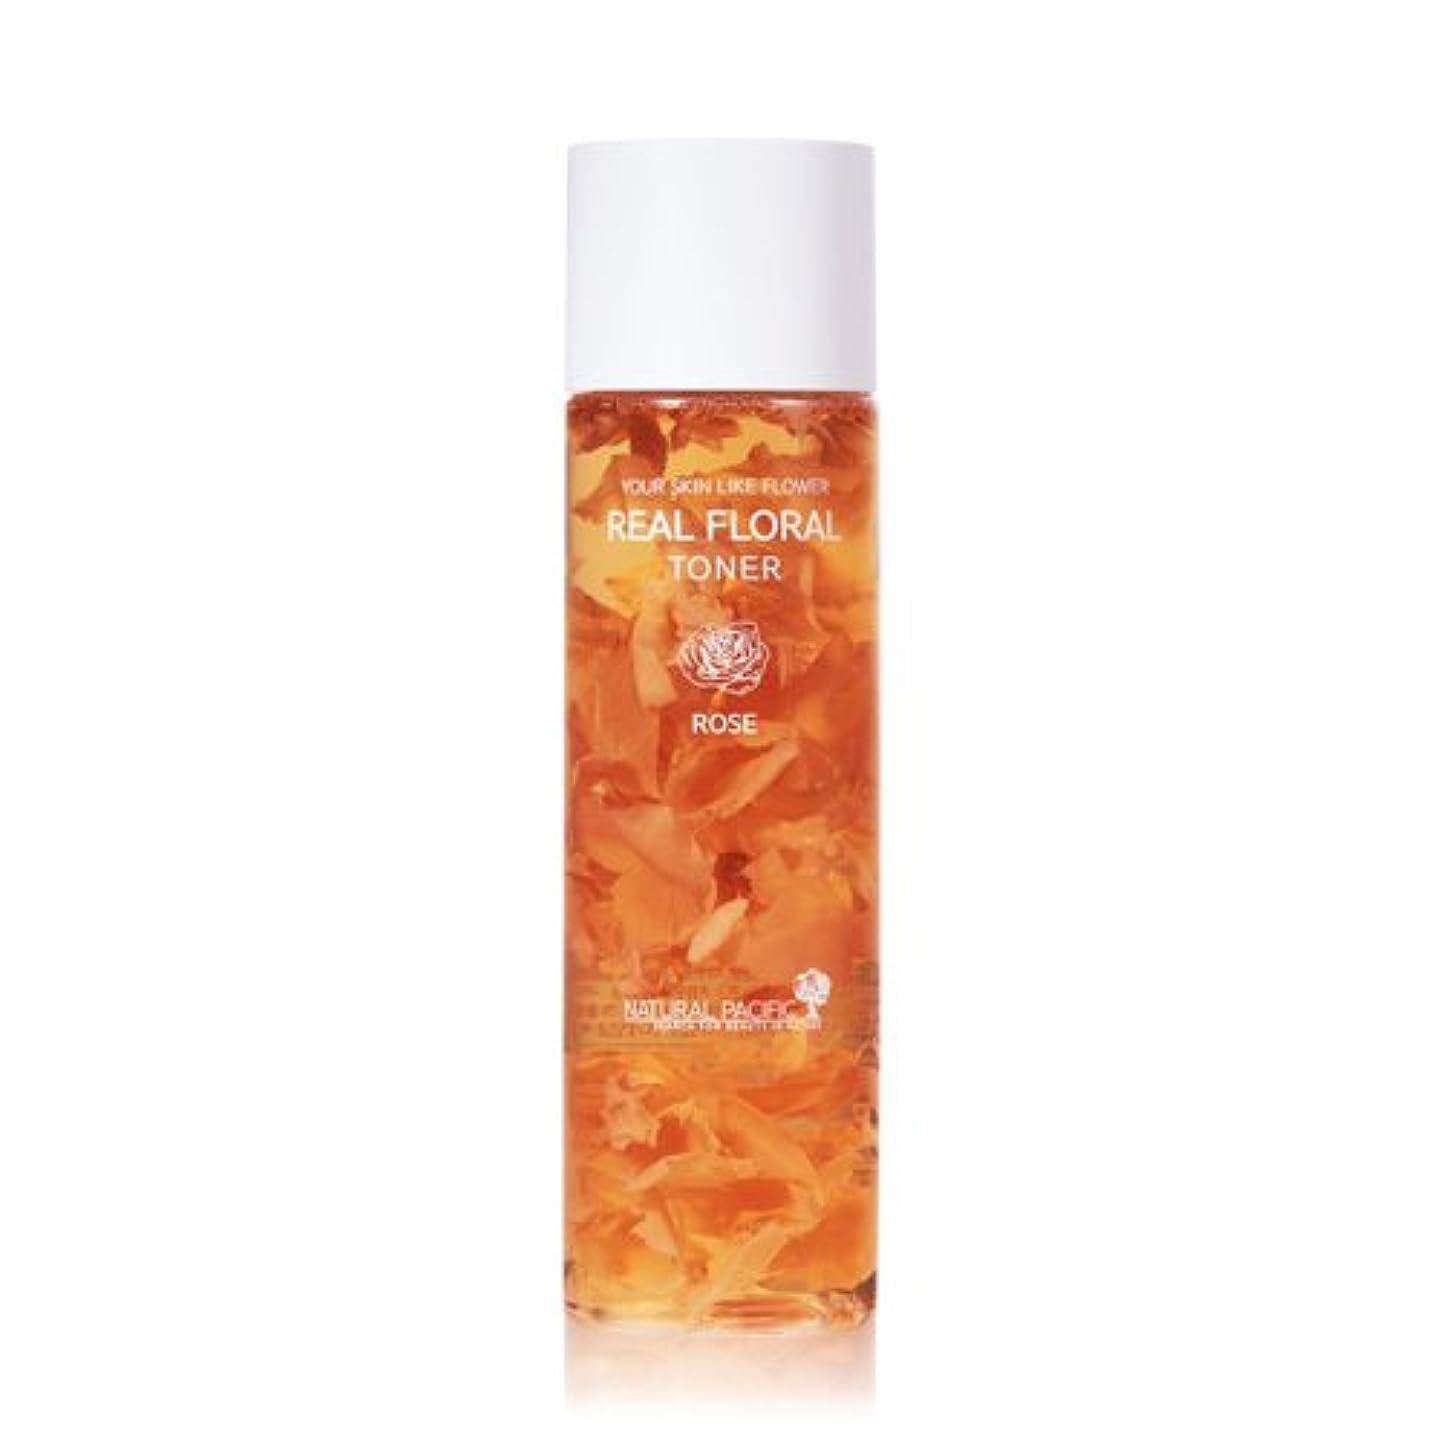 ピアスコットランド人半径NATURAL PACIFIC Real Rose Floral Toner 180ml/ナチュラルパシフィック リアル ローズ フローラル トナー 180ml [並行輸入品]